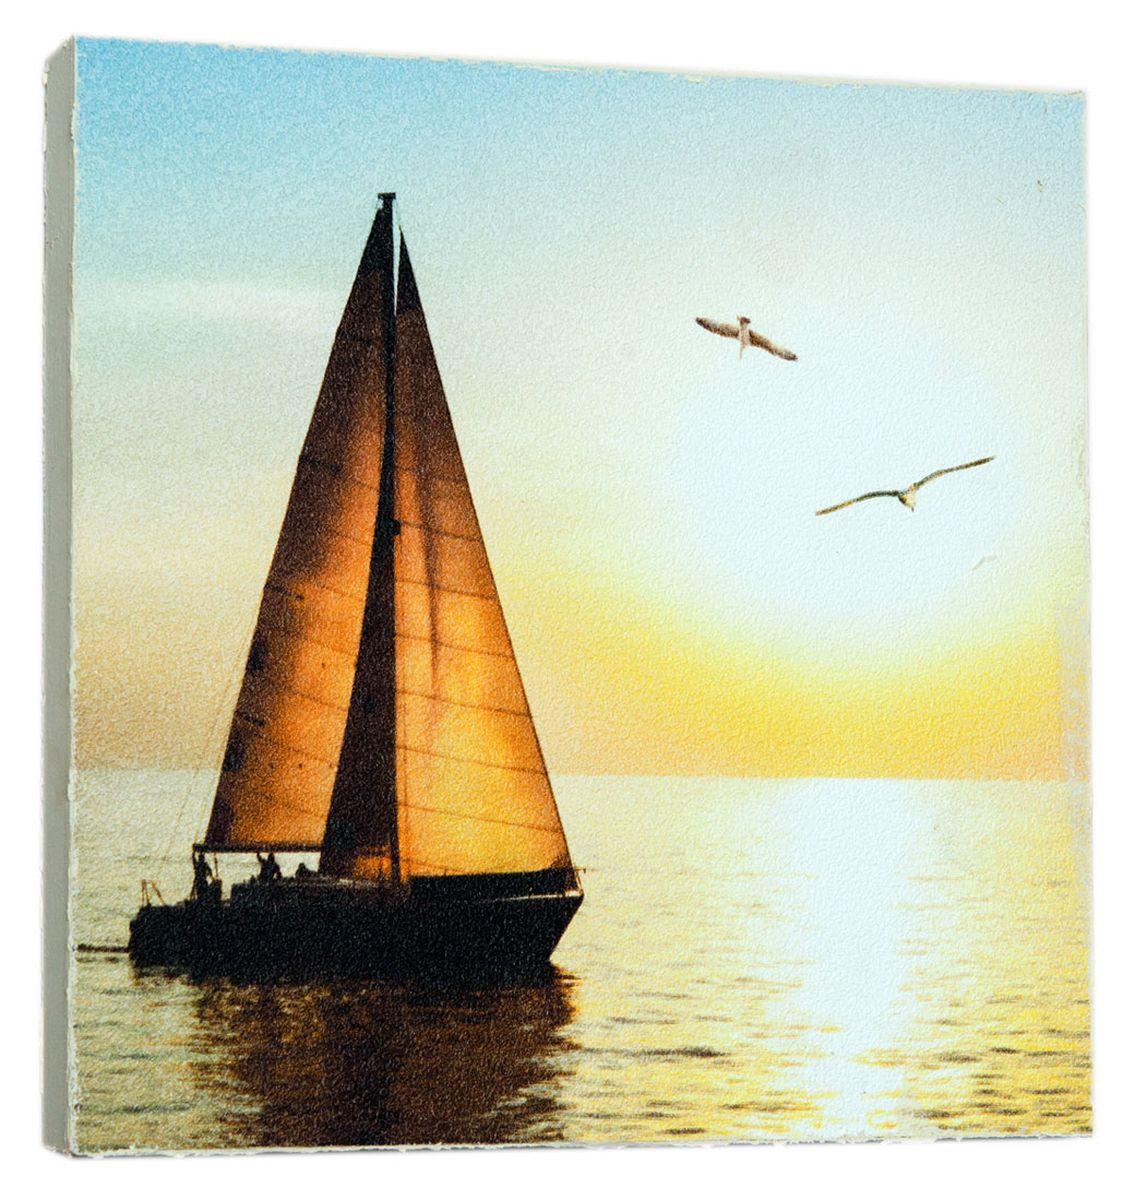 Картина Mister Poster Красивая яхта, 14,5 х 14,5 см0156-15-15Картина Mister Poster - это высококачественная репродукция на деревянной раме. Лицевая поверхность имитирует штукатурку или натуральный холст, края окрашены вручную специальным декоративным составом. Современные технологии, уникальное оборудование и оригинальные чернила, используемые при изготовлении, делают постер устойчивым к выцветанию, а также гарантируют стойкость к воздействию негативных внешних факторов. Интерьер дома и офиса, в котором находится человек, в значительной степени влияет на его настроение и работоспособность. Правильное оформление интерьера создает благоприятный психологический климат, улучшает настроение и мотивирует. Добавьте «красок» в ваш интерьер и, возможно, в вашу жизнь.